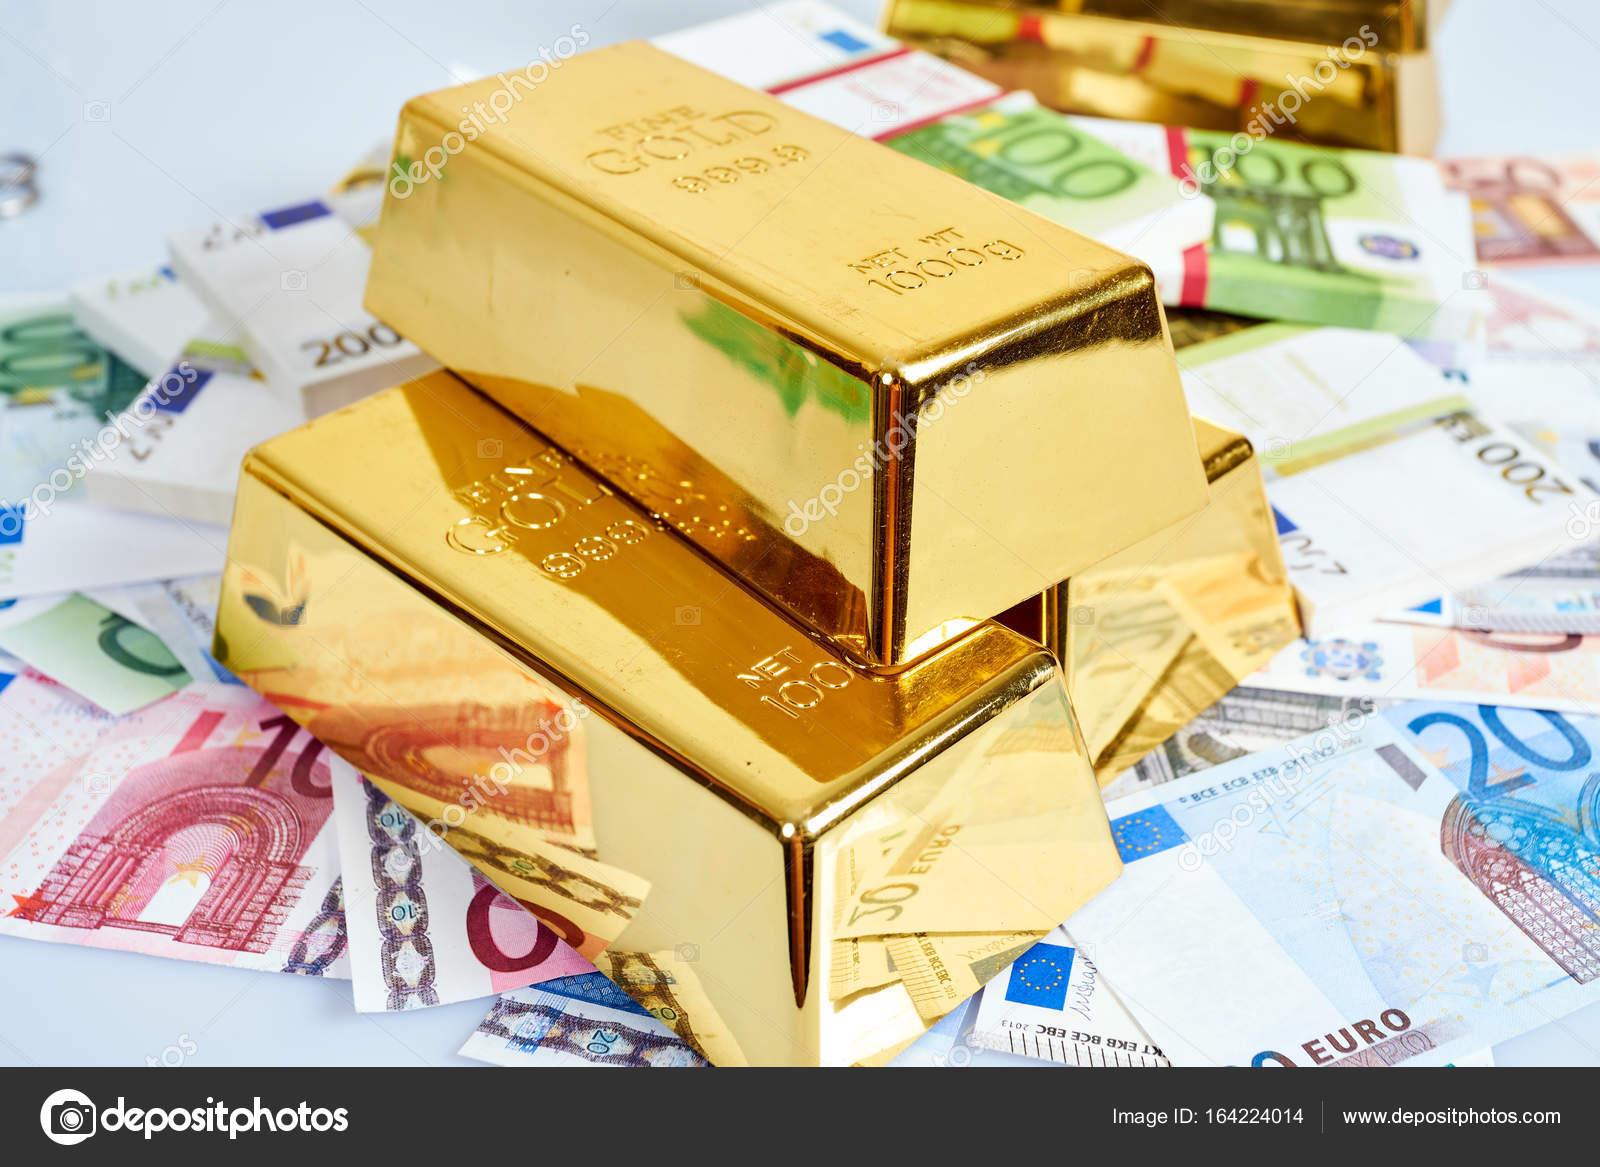 Gold Bar And Euro Money Financial Concept Stock Photo